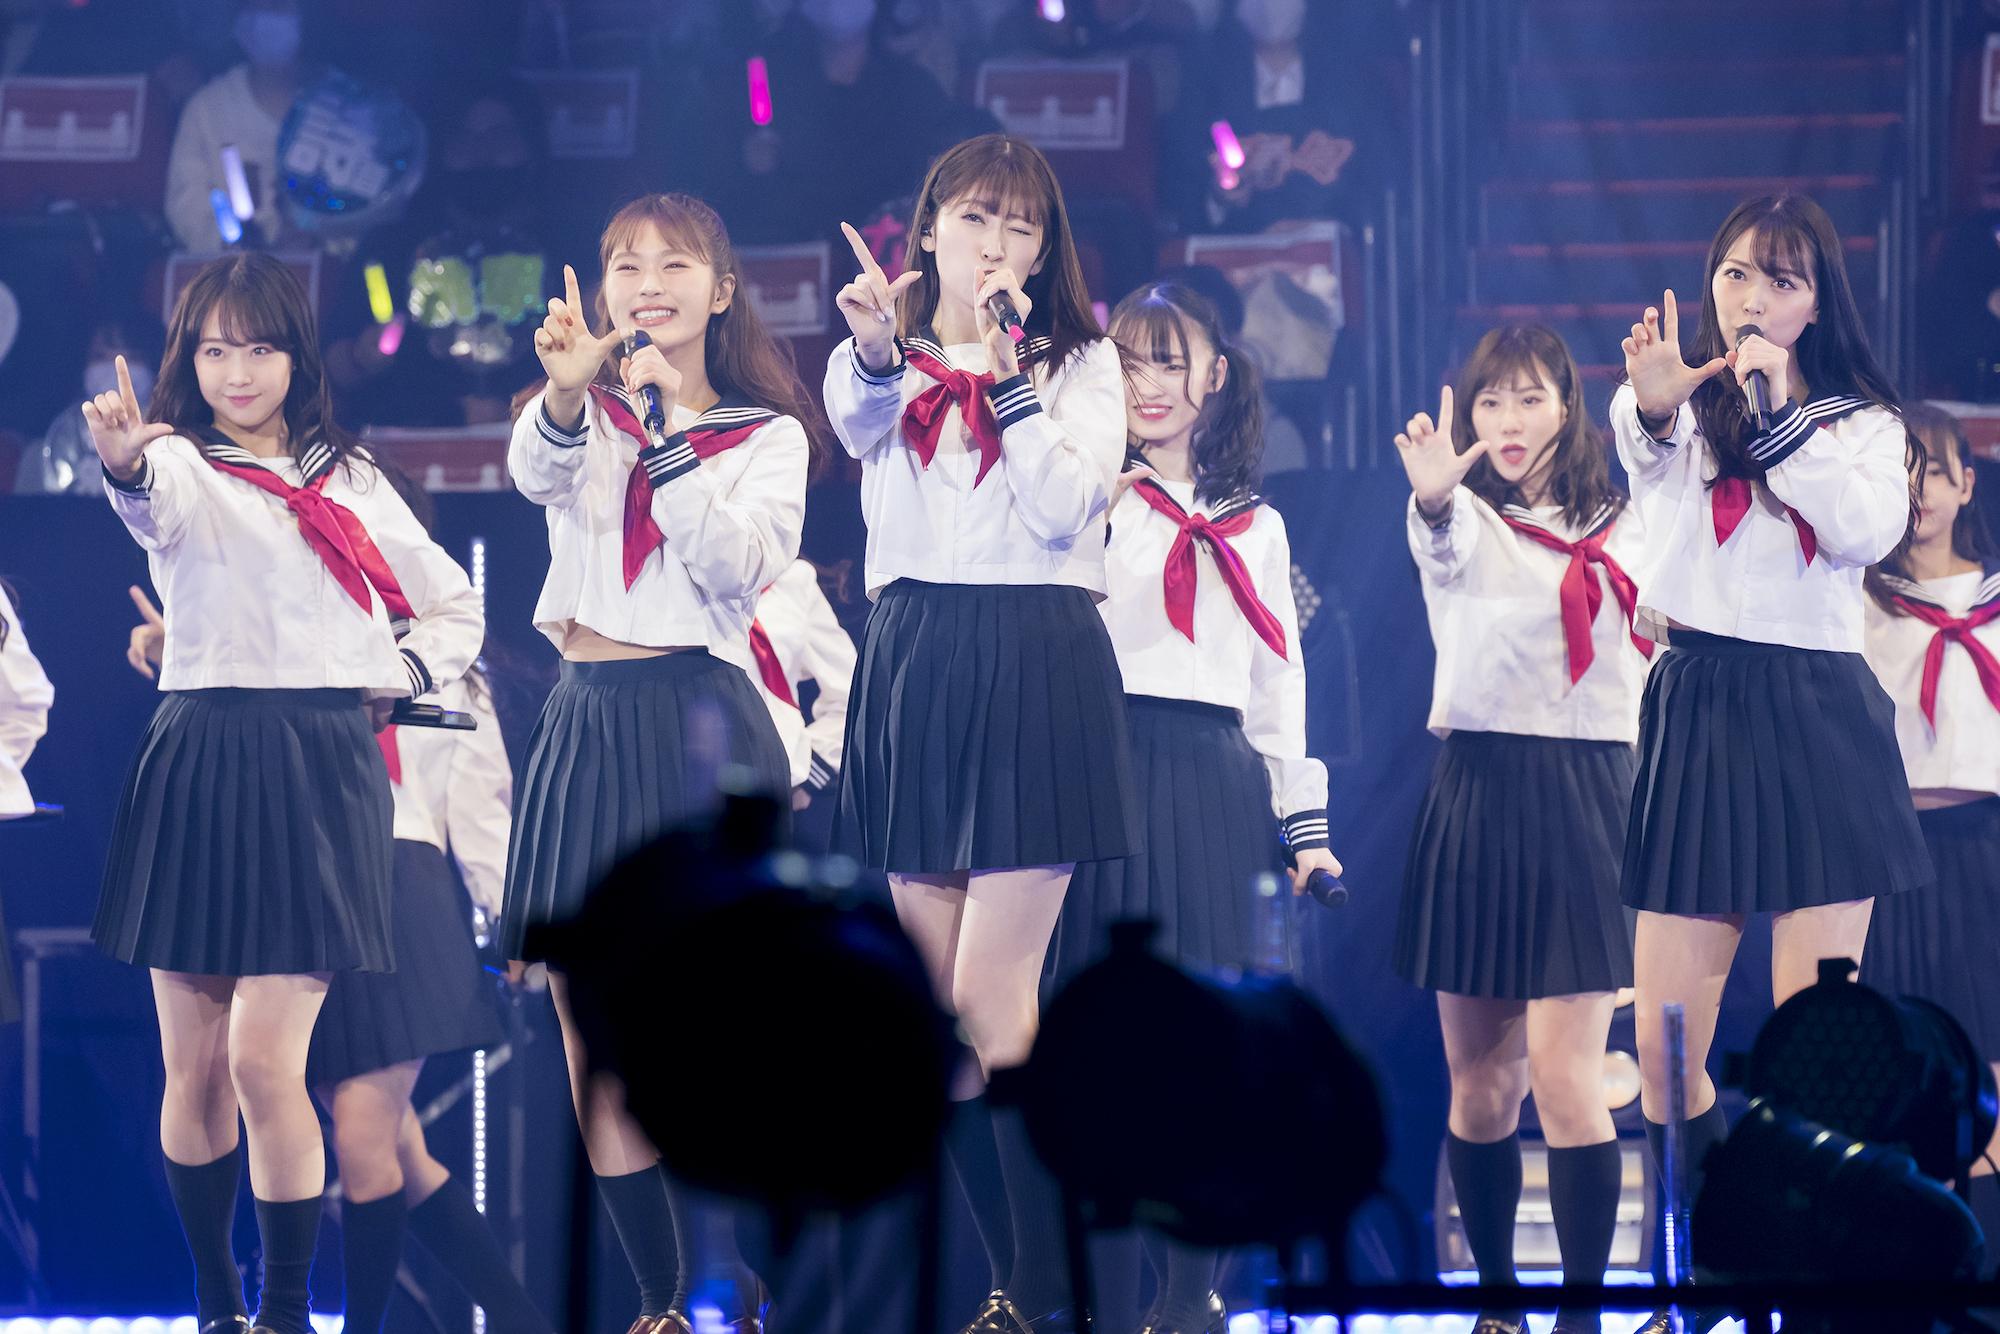 吉田朱里『NMB48 吉田朱里卒業コンサート~さよならピンクさよならアイドル~』2020年10月24日